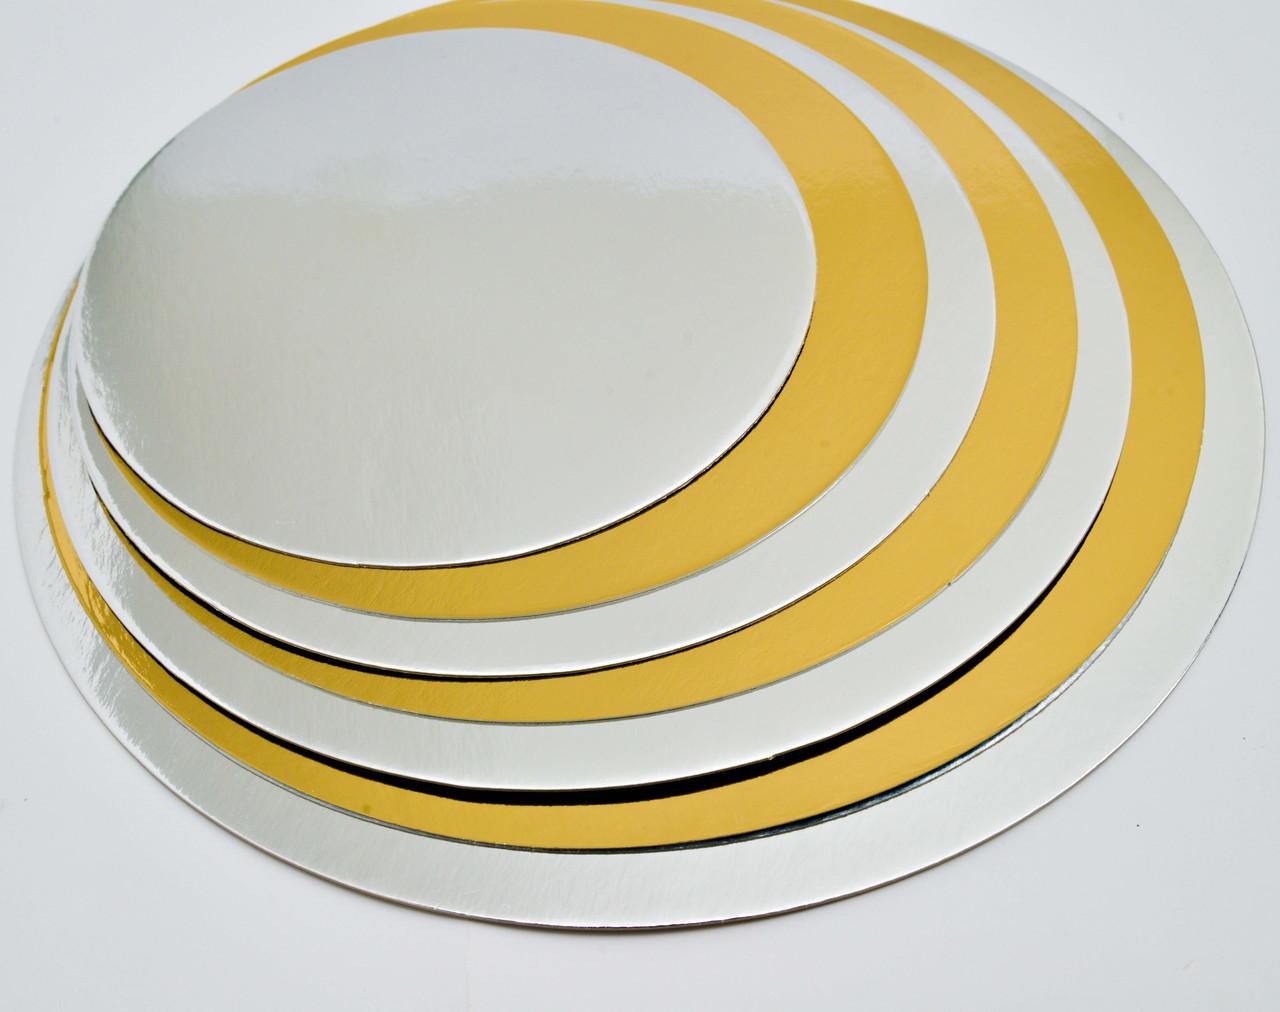 Підкладка під торти круг Ø-280 мм товщина 0.8 мм (100 шт упаковка)